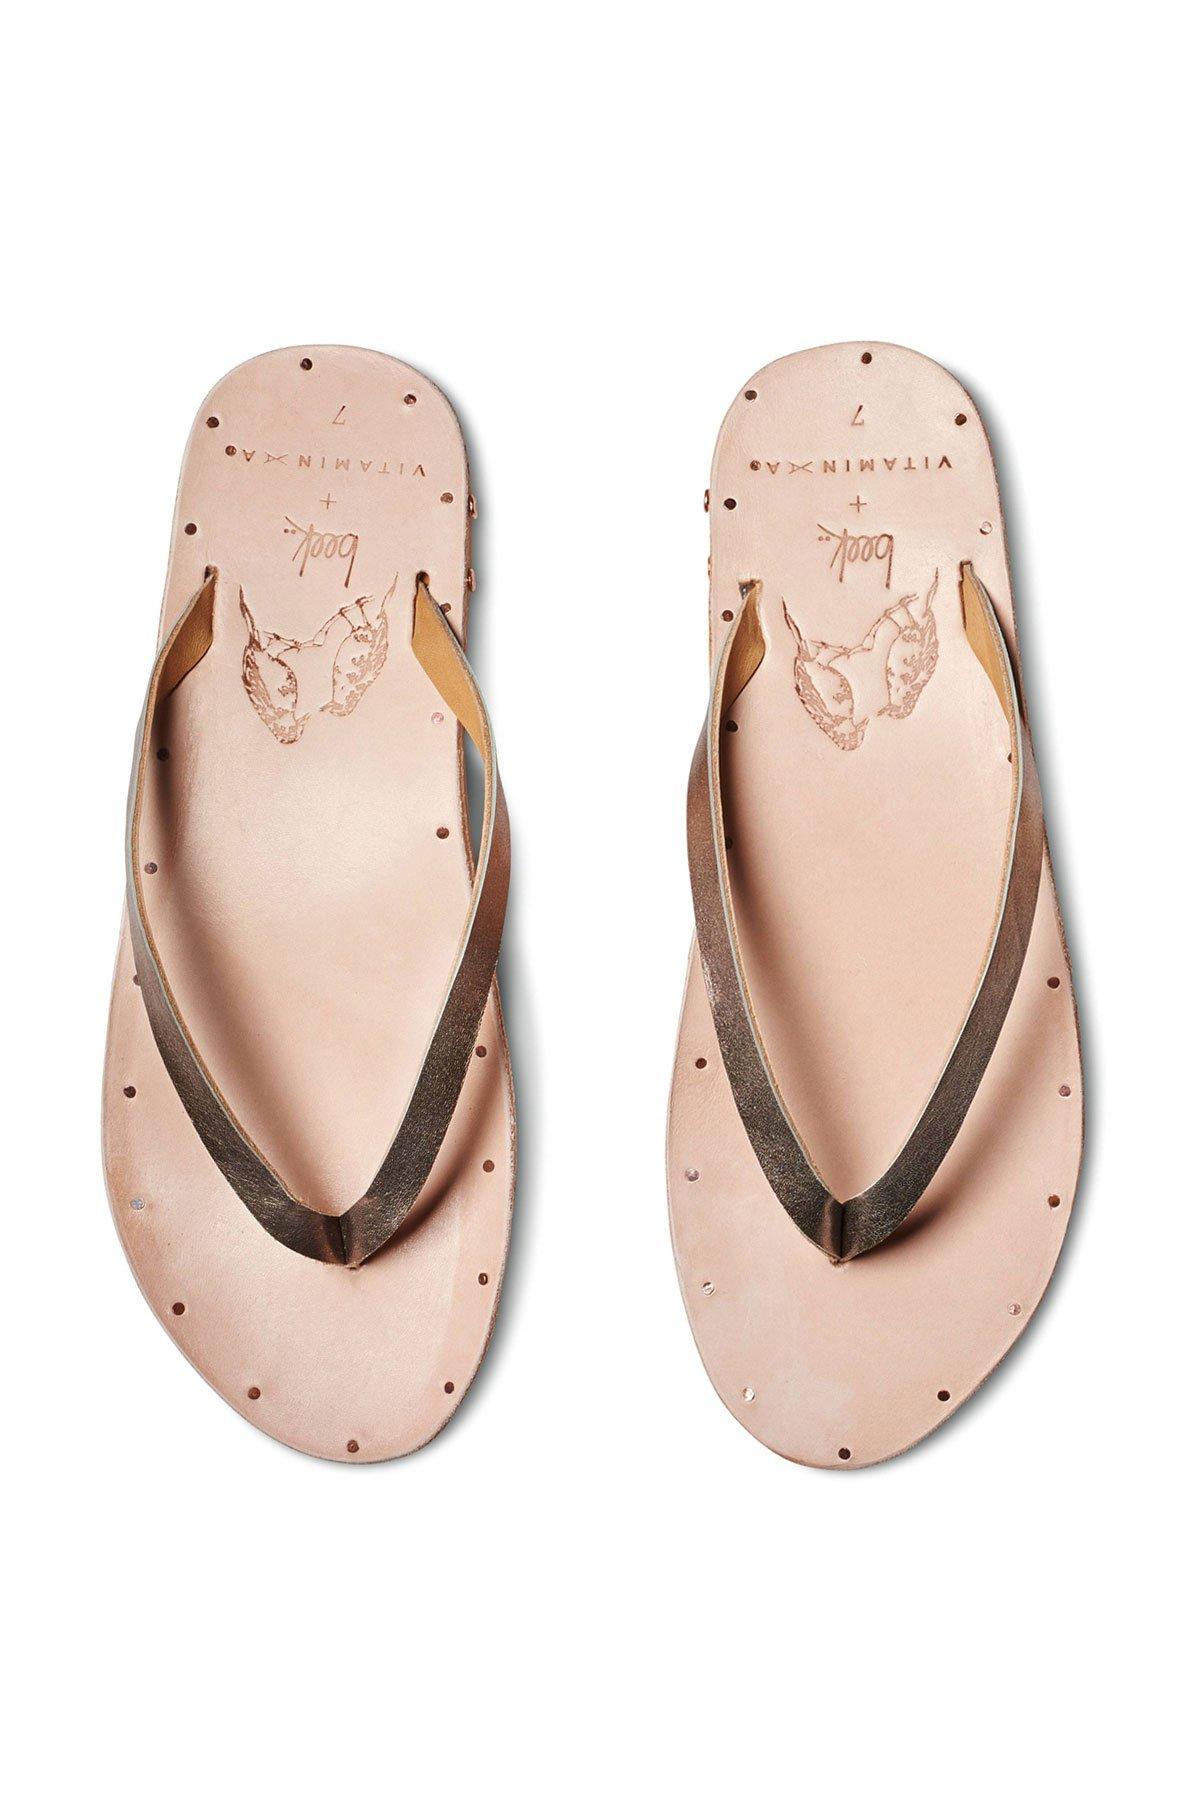 Vitamin A Beek seabird Thong Sandals Bronze/Natural 7